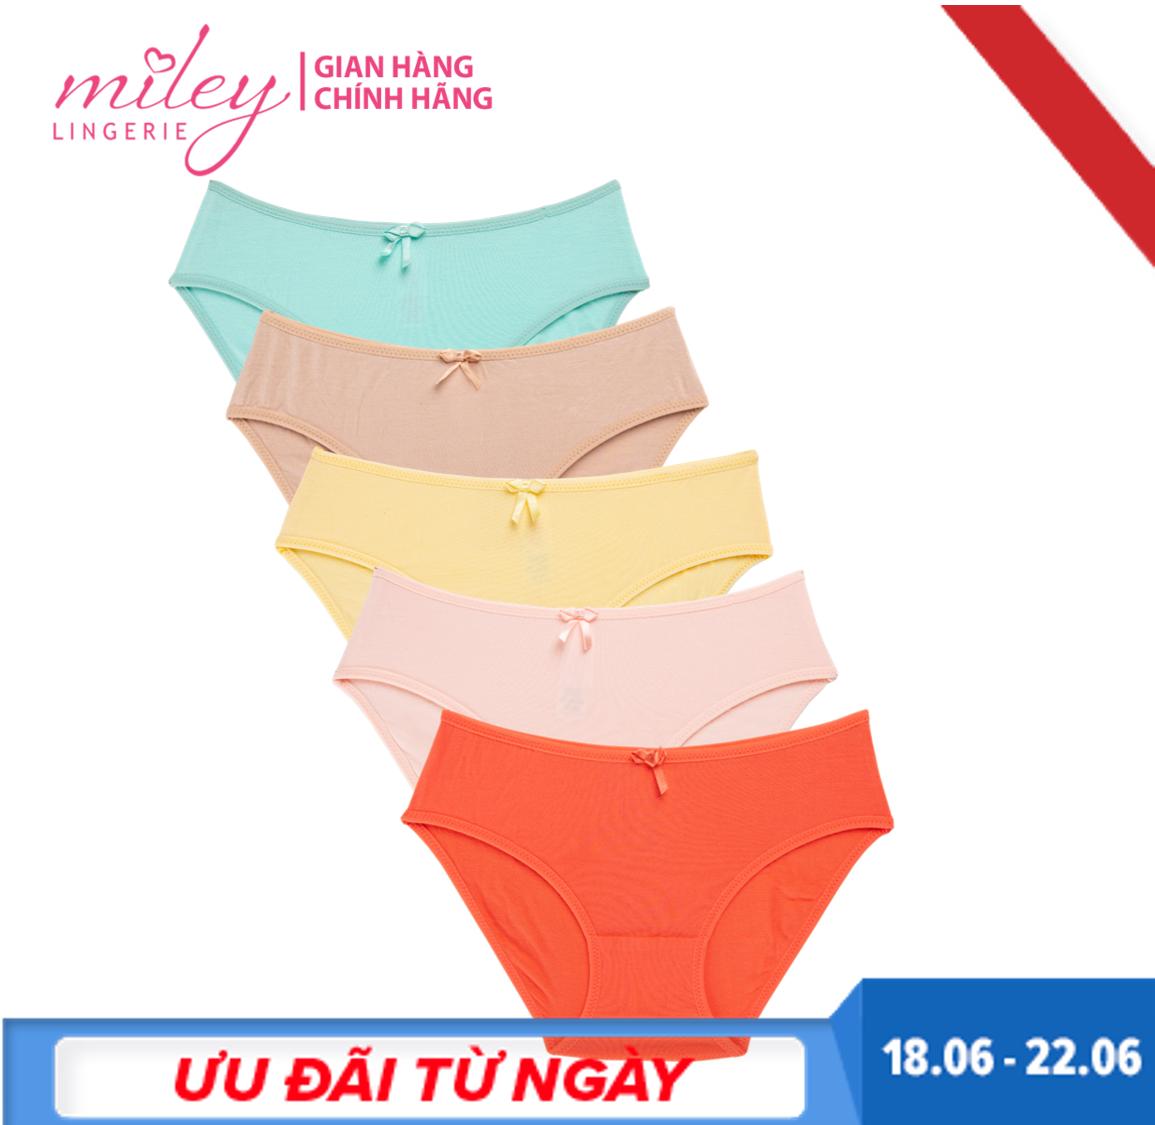 Combo 5 Quần Lót Nữ Basic Comfort Modal MILEY LINGERIE -  Màu Ngẫu Nhiên Duy Nhất Khuyến Mại Hôm Nay